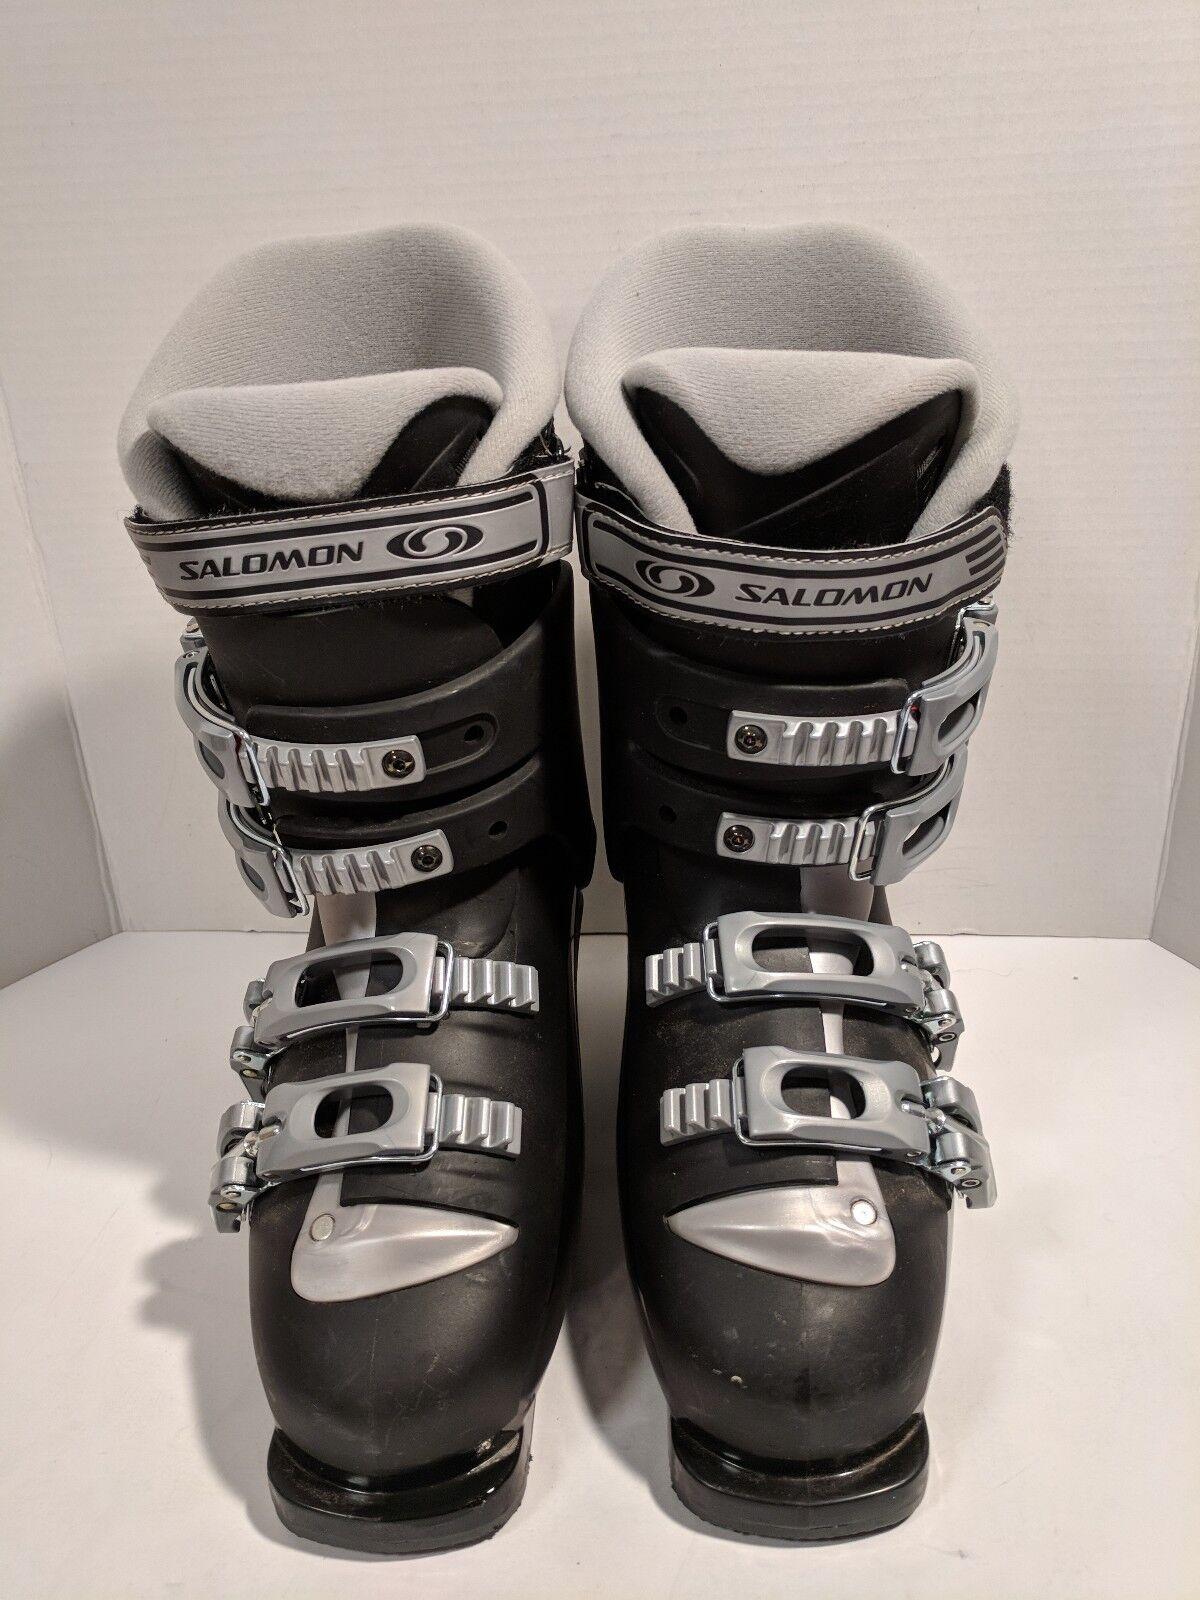 Salomon 24 - Uomo 24.5 Uomo - 6.5/Donna 7.5 Irony TF2 Ski Stivali Thermic Fit a38639